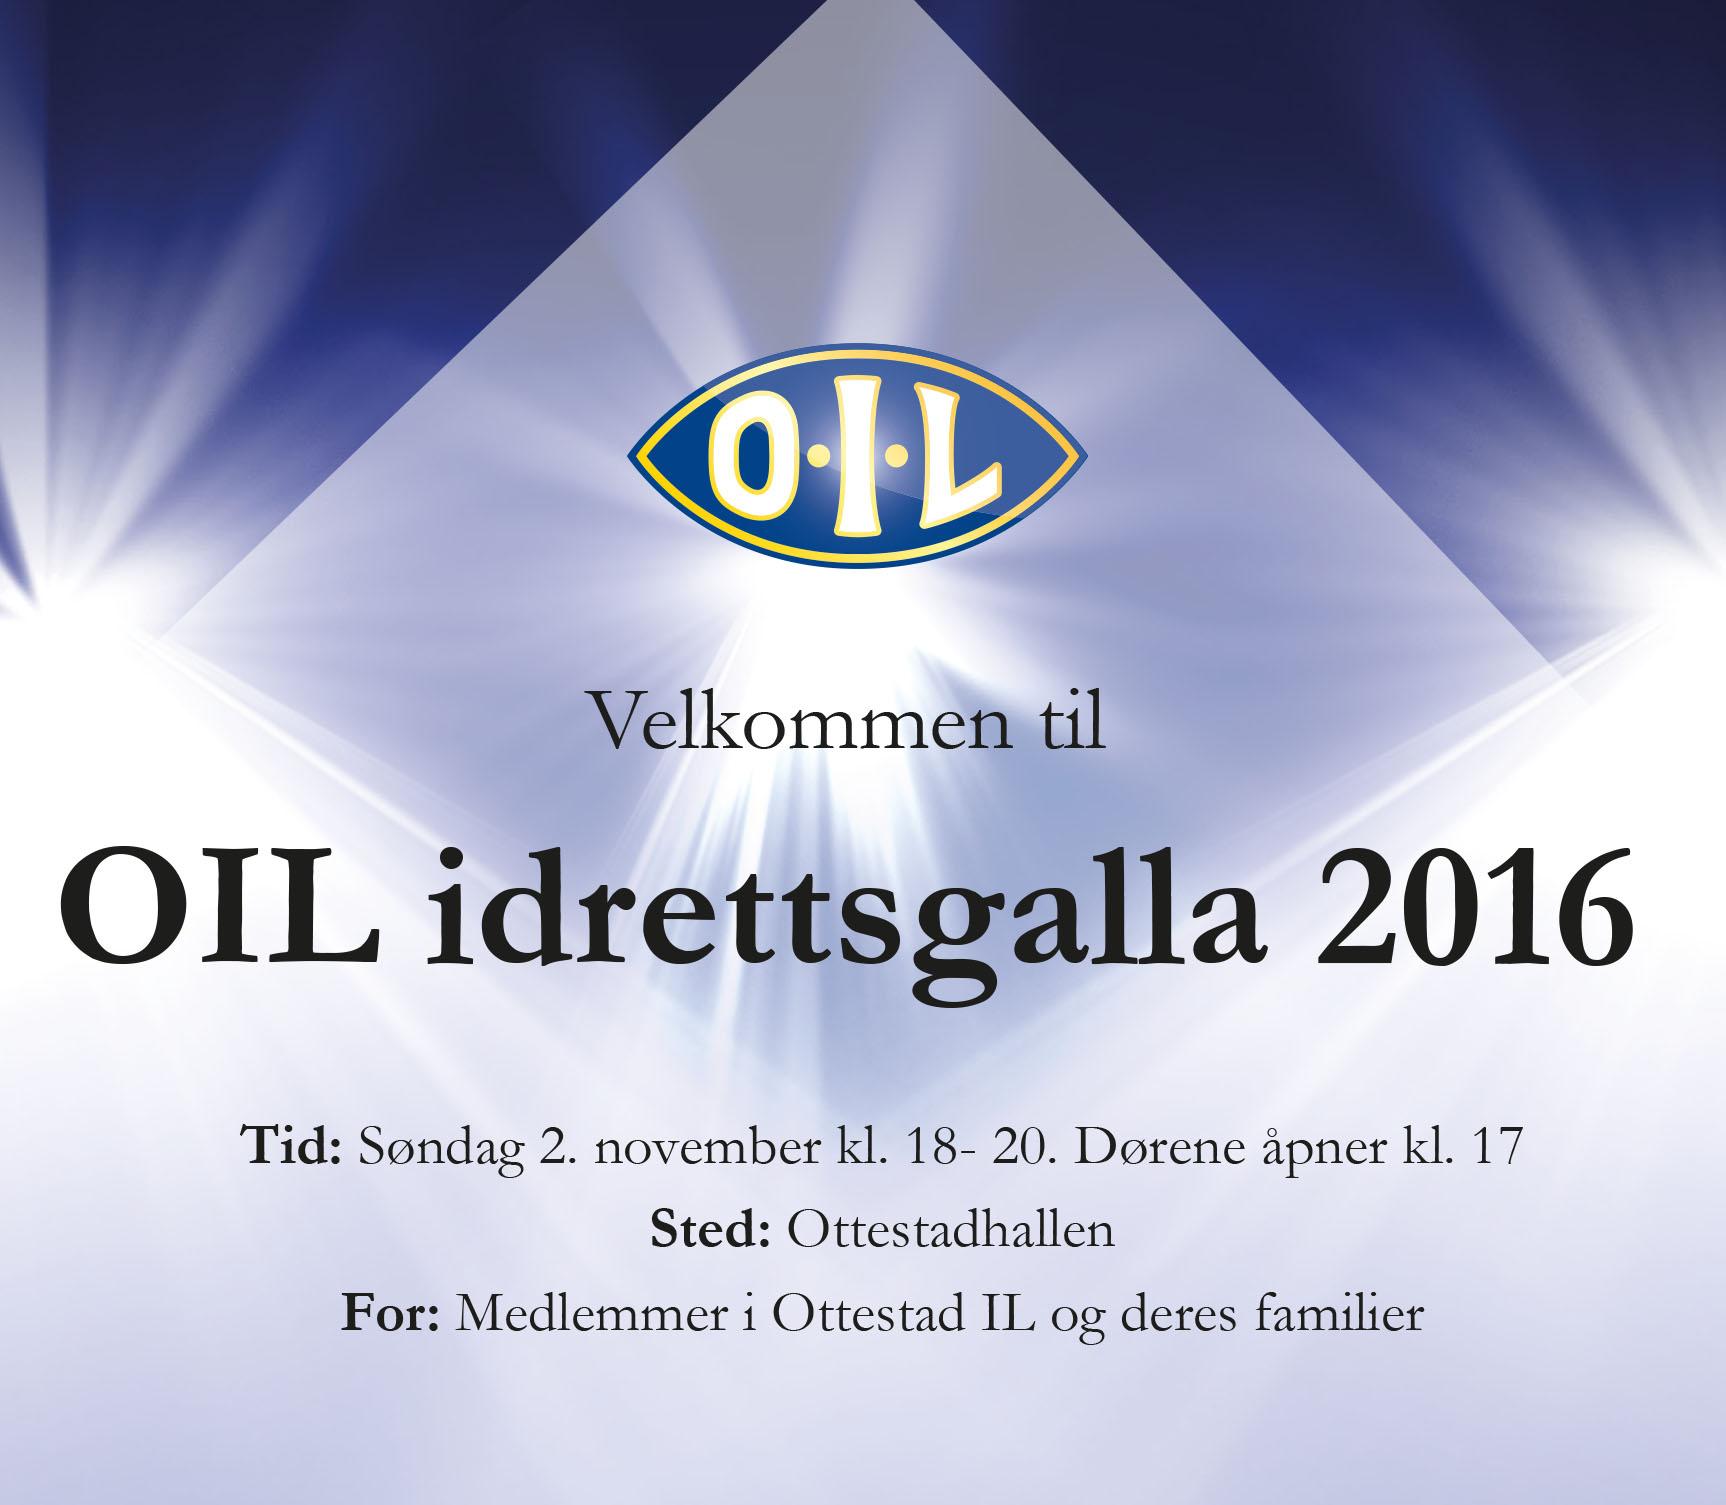 SKISSE Invitasjon Idrettsgalla.jpg